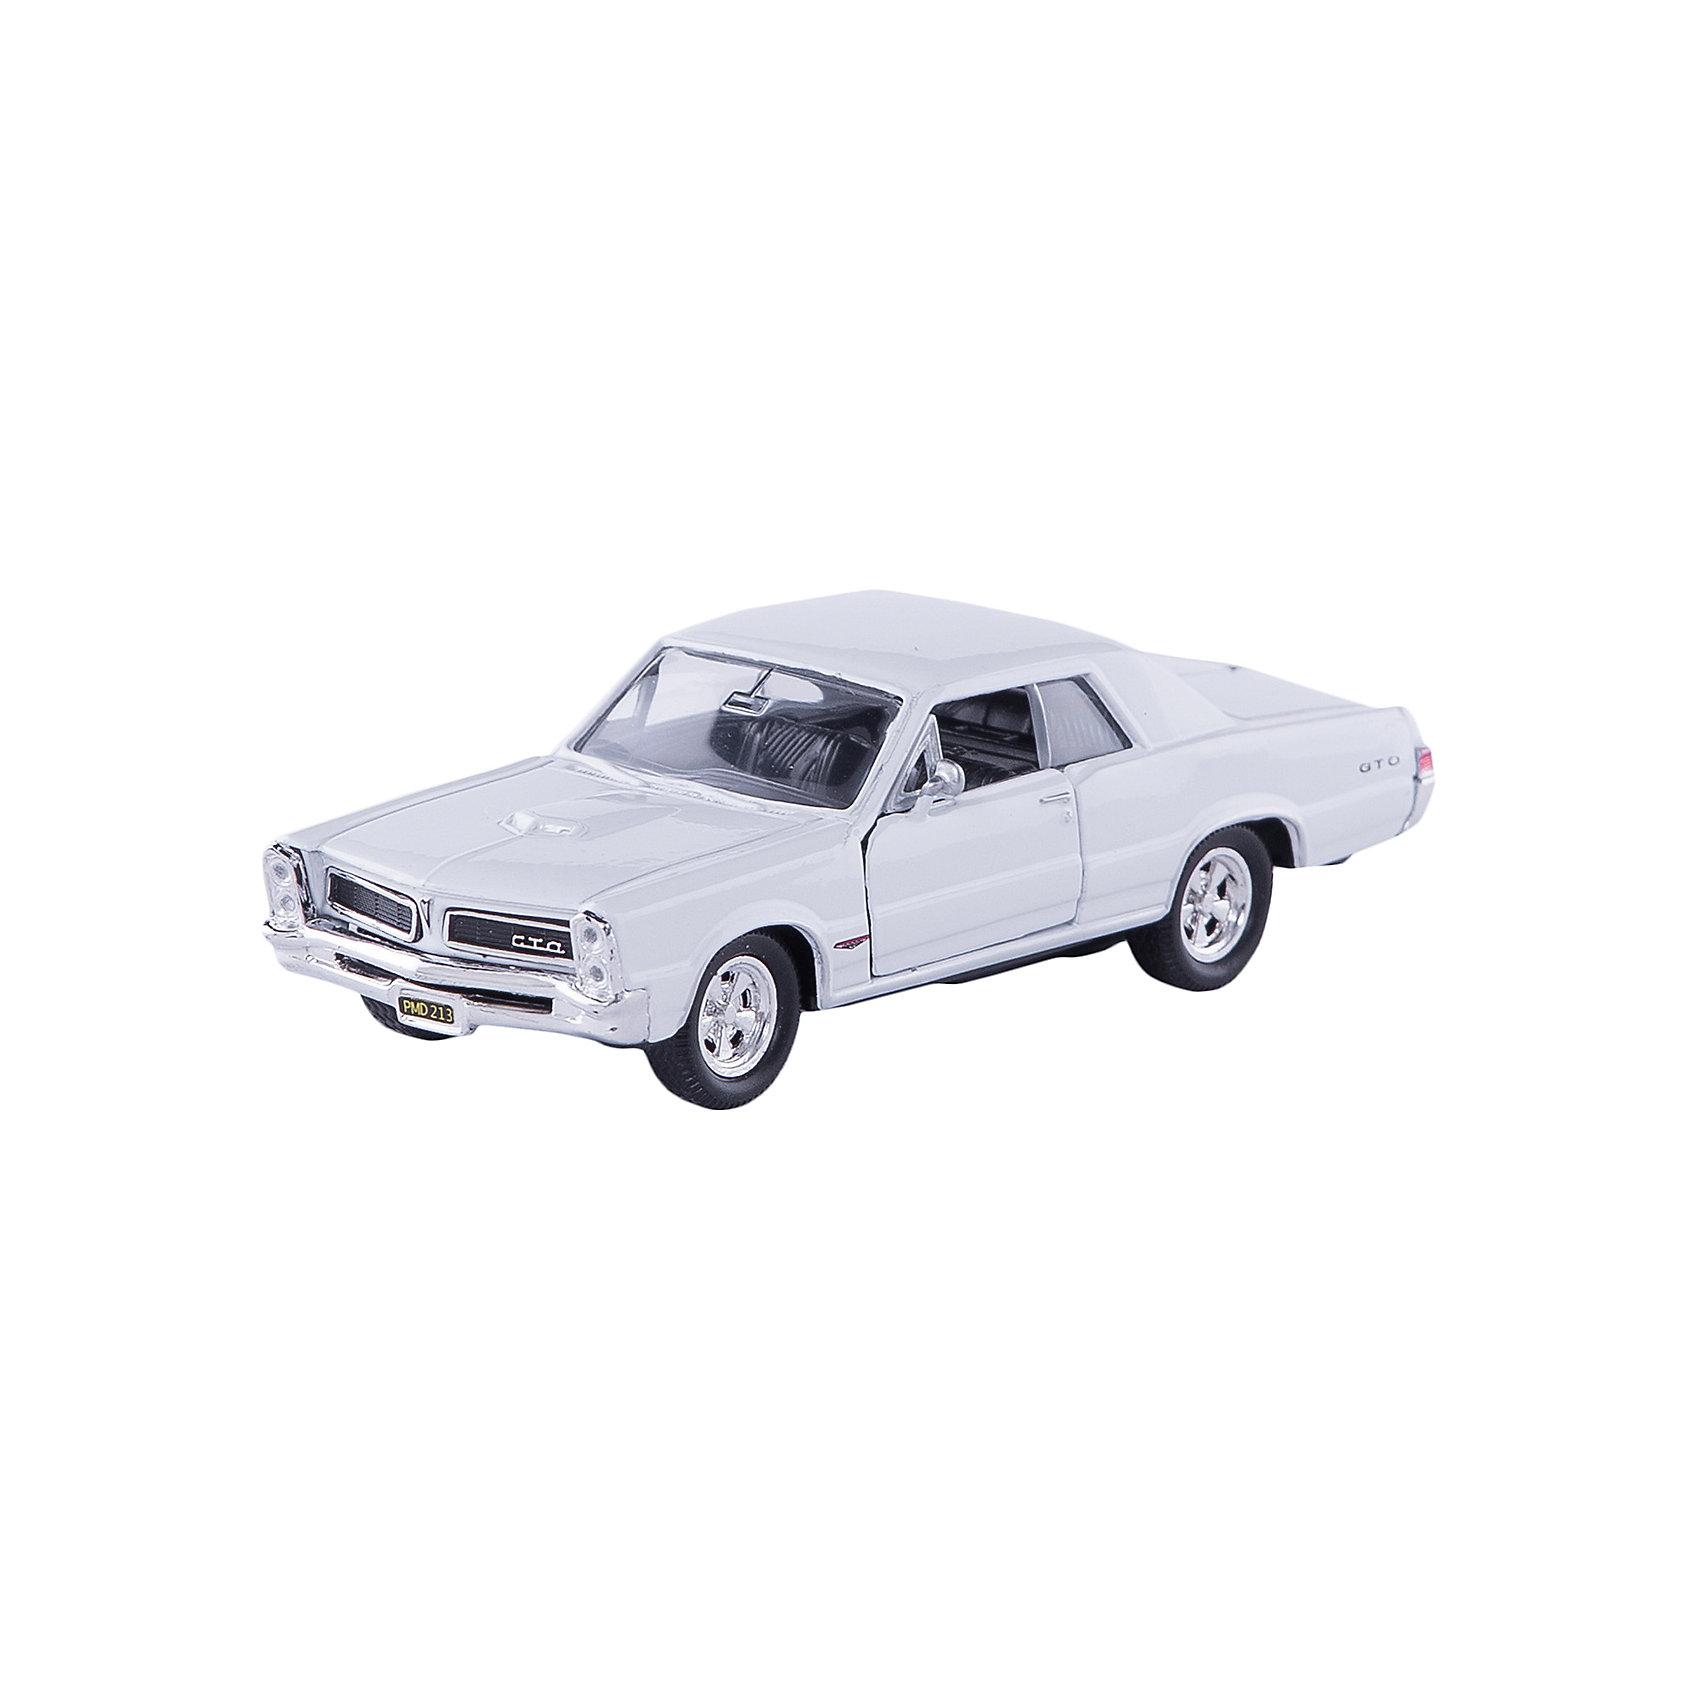 Модель винтажной машины 1:34-39 Pontiac GTO 1965, Welly